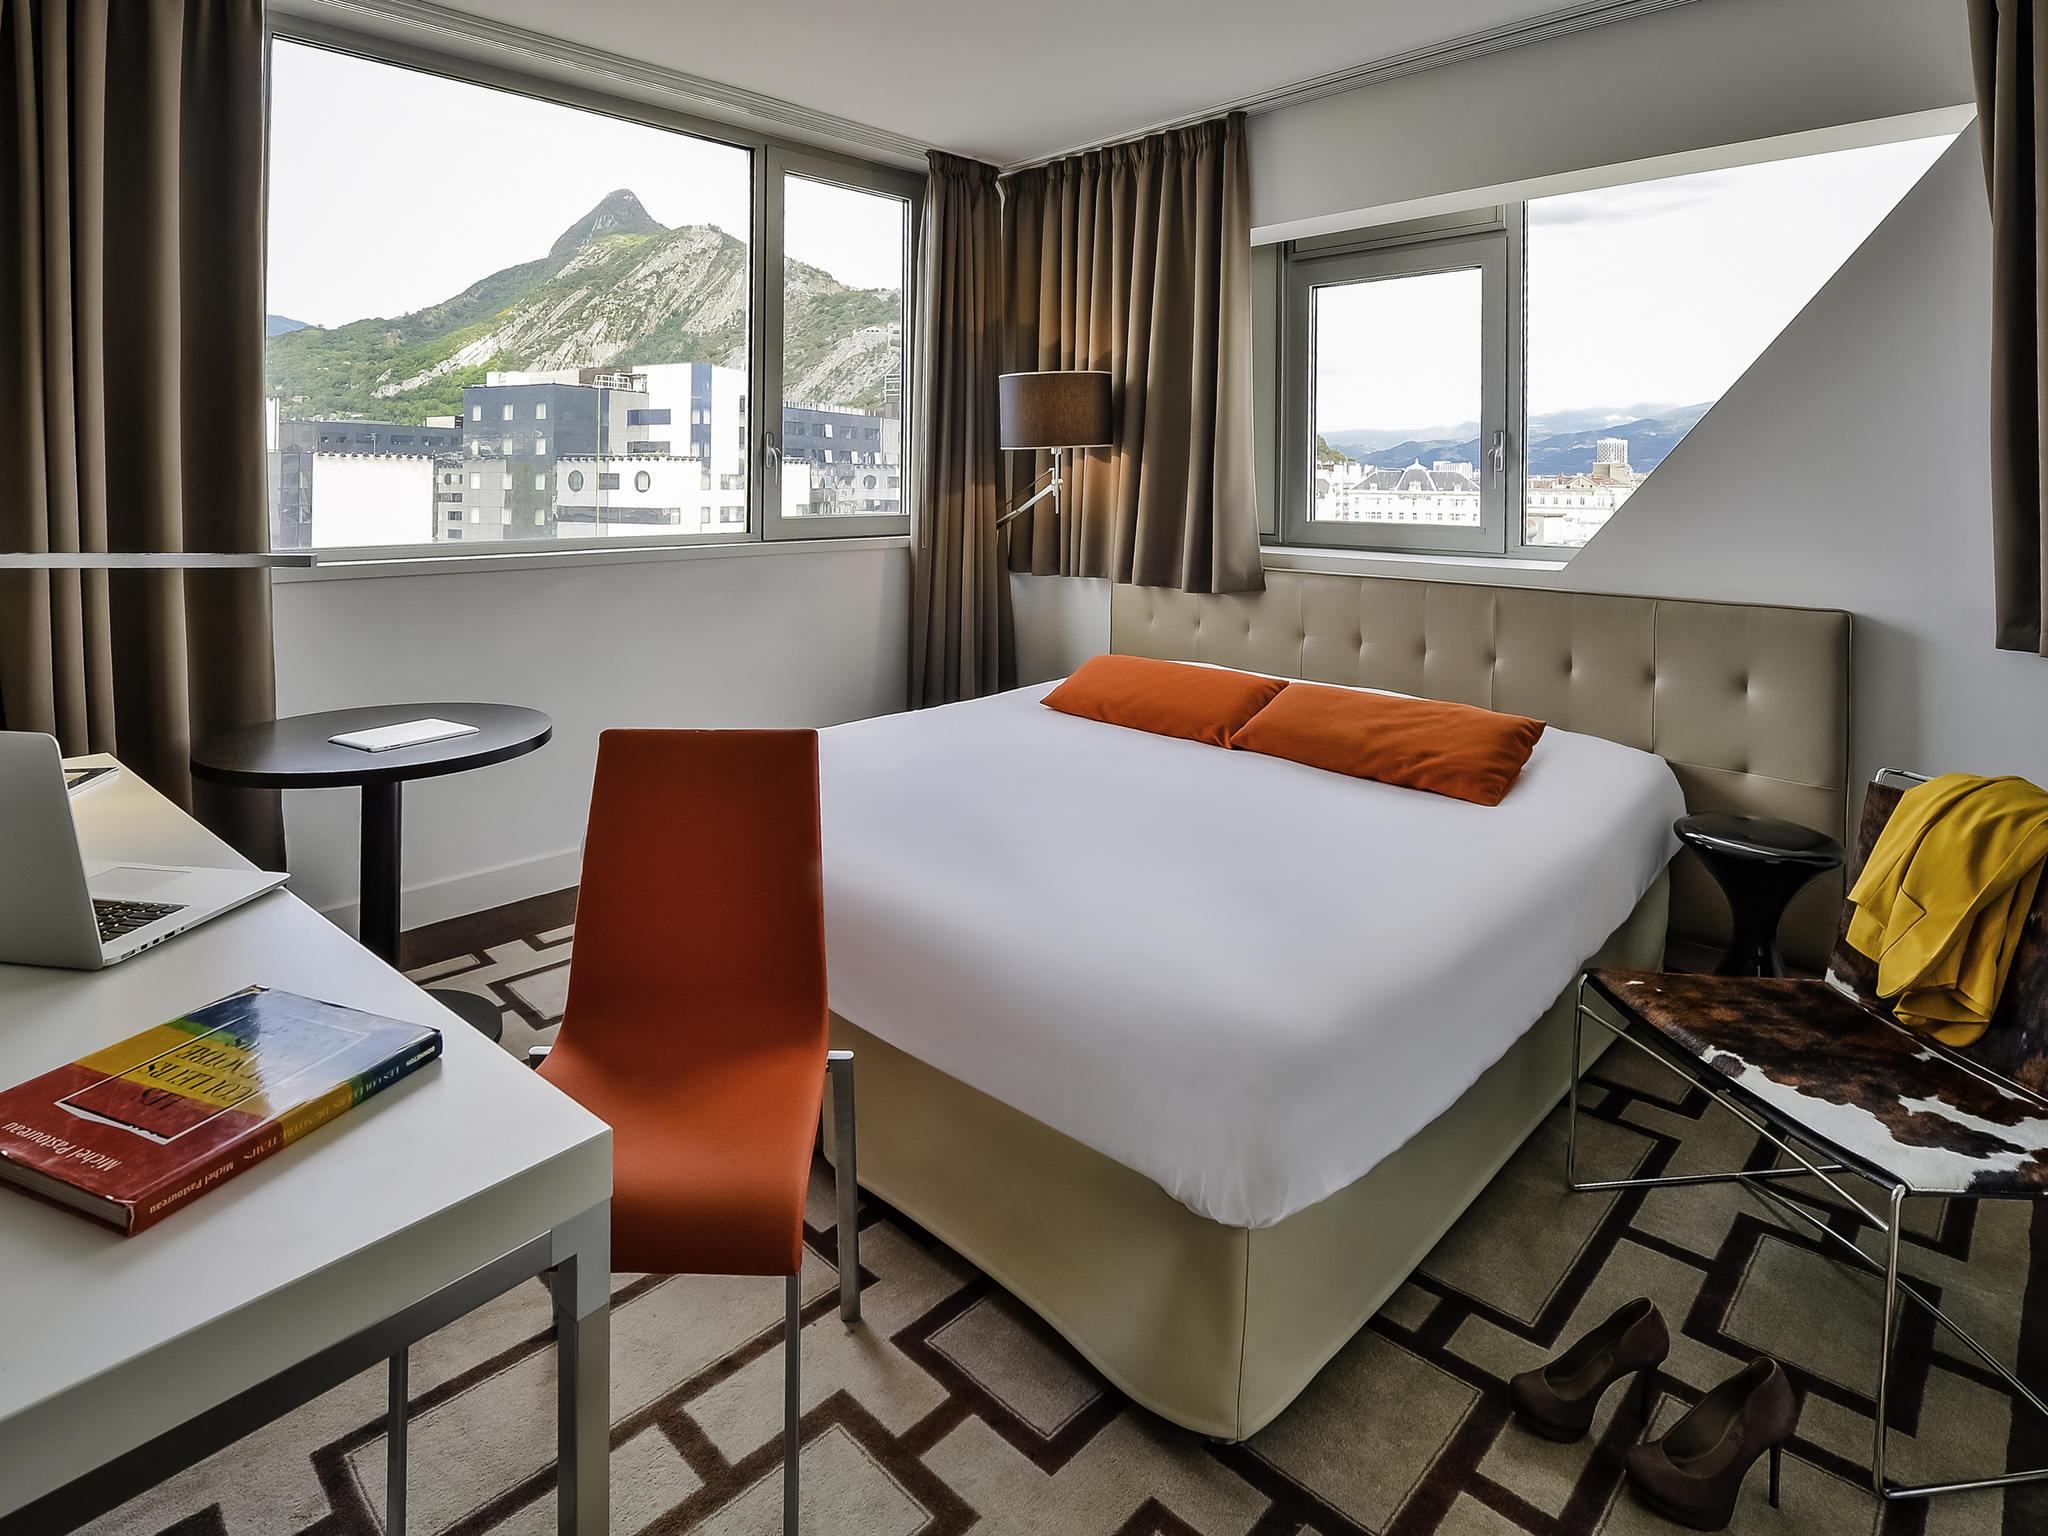 โรงแรม – Hipark by Adagio Grenoble